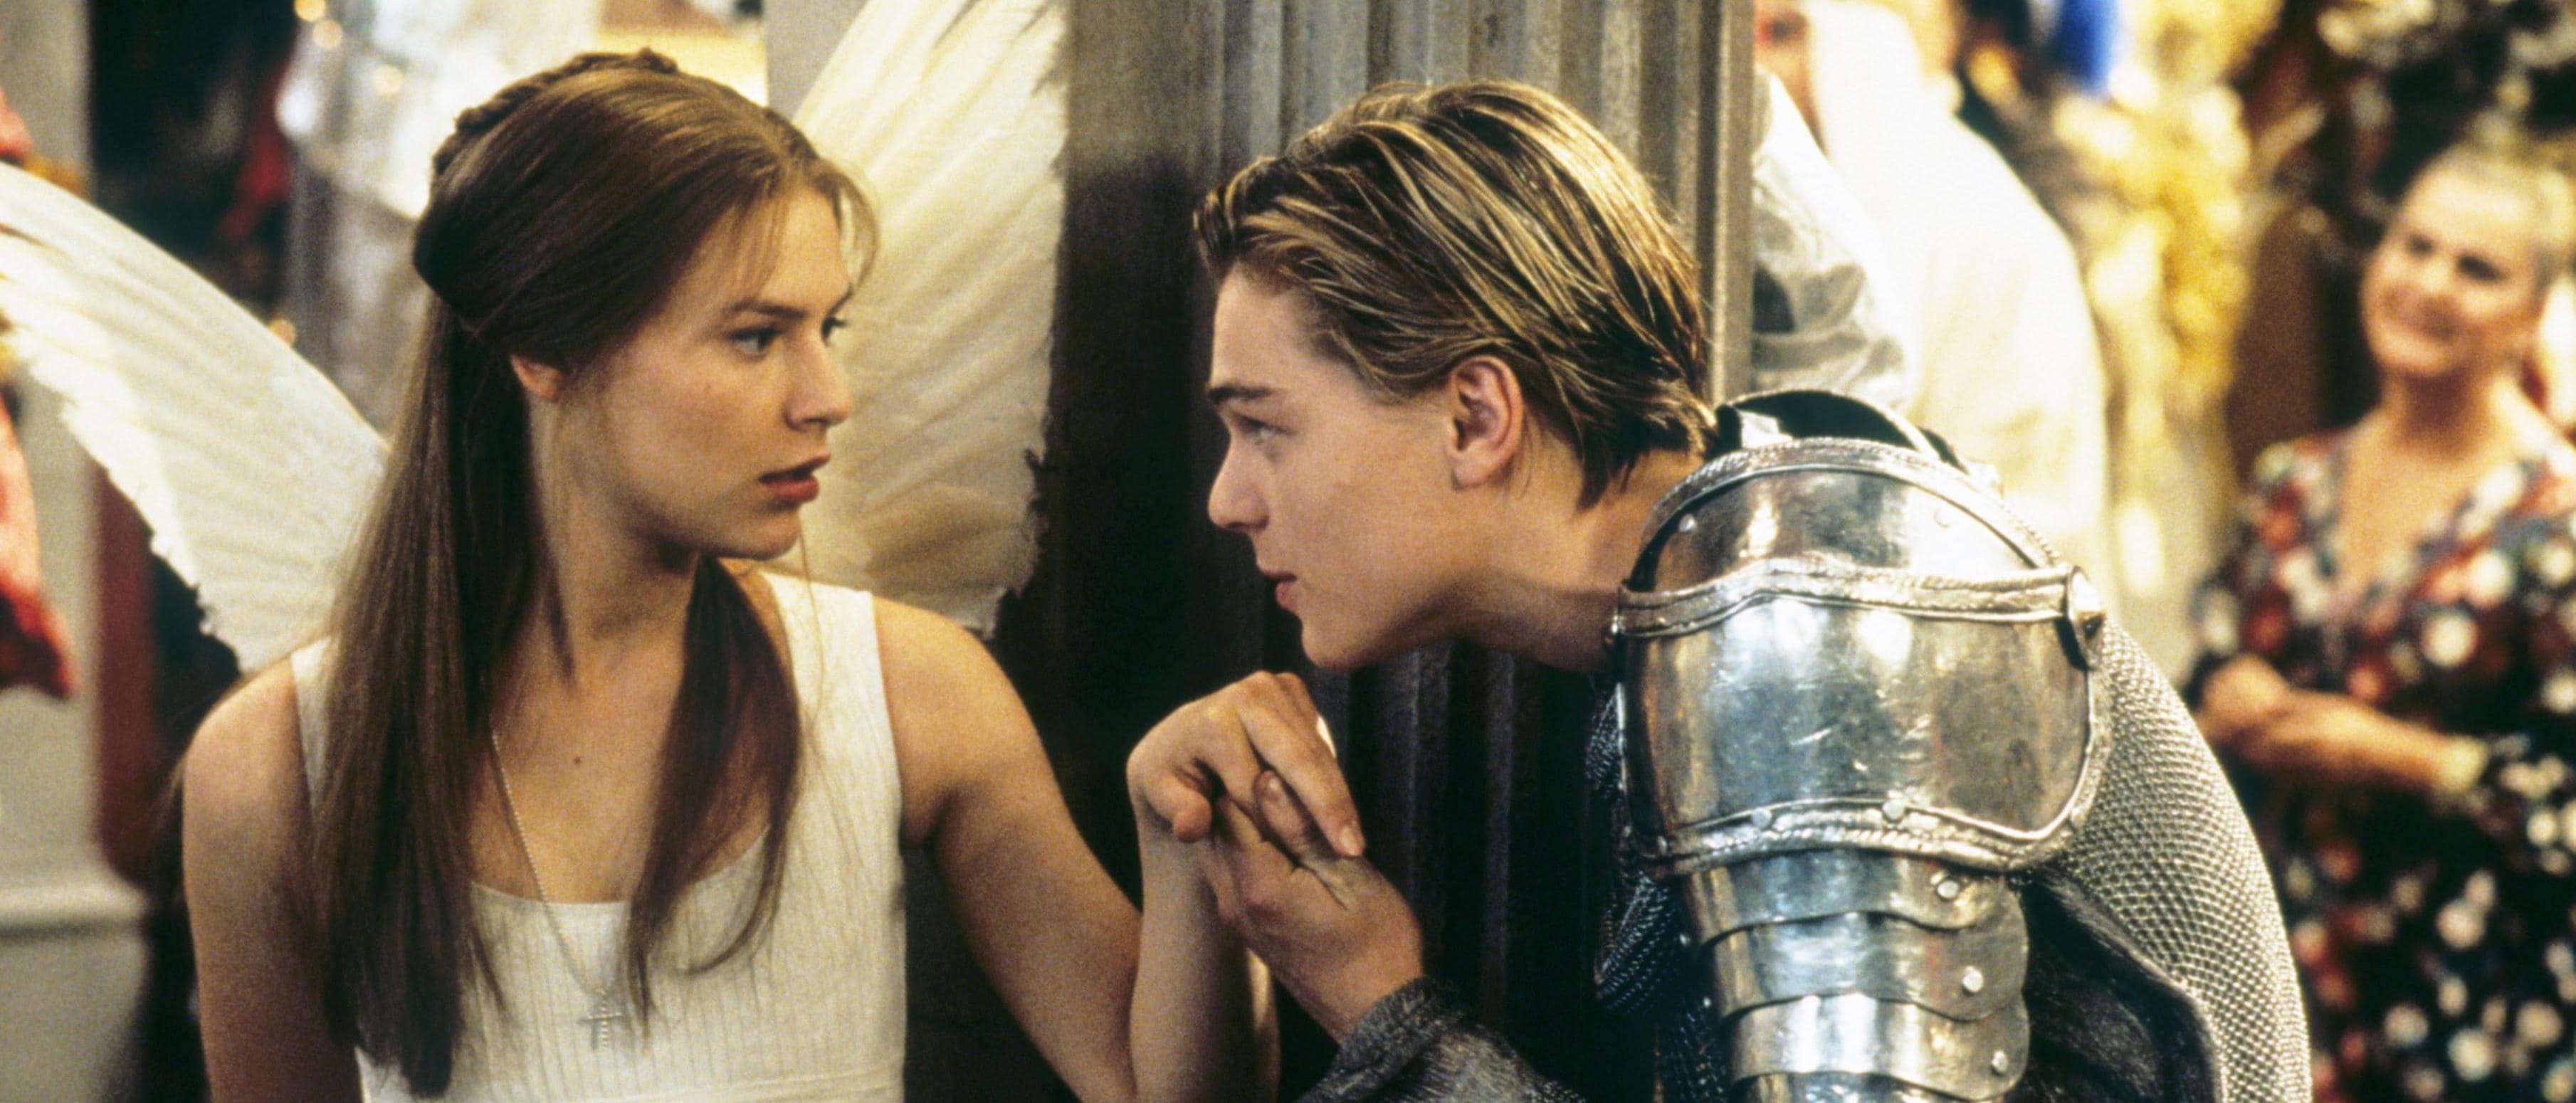 Ρωμαίος και Ιουλιέτα: Η καλύτερη ρομαντική ιστορία όλων των εποχών!